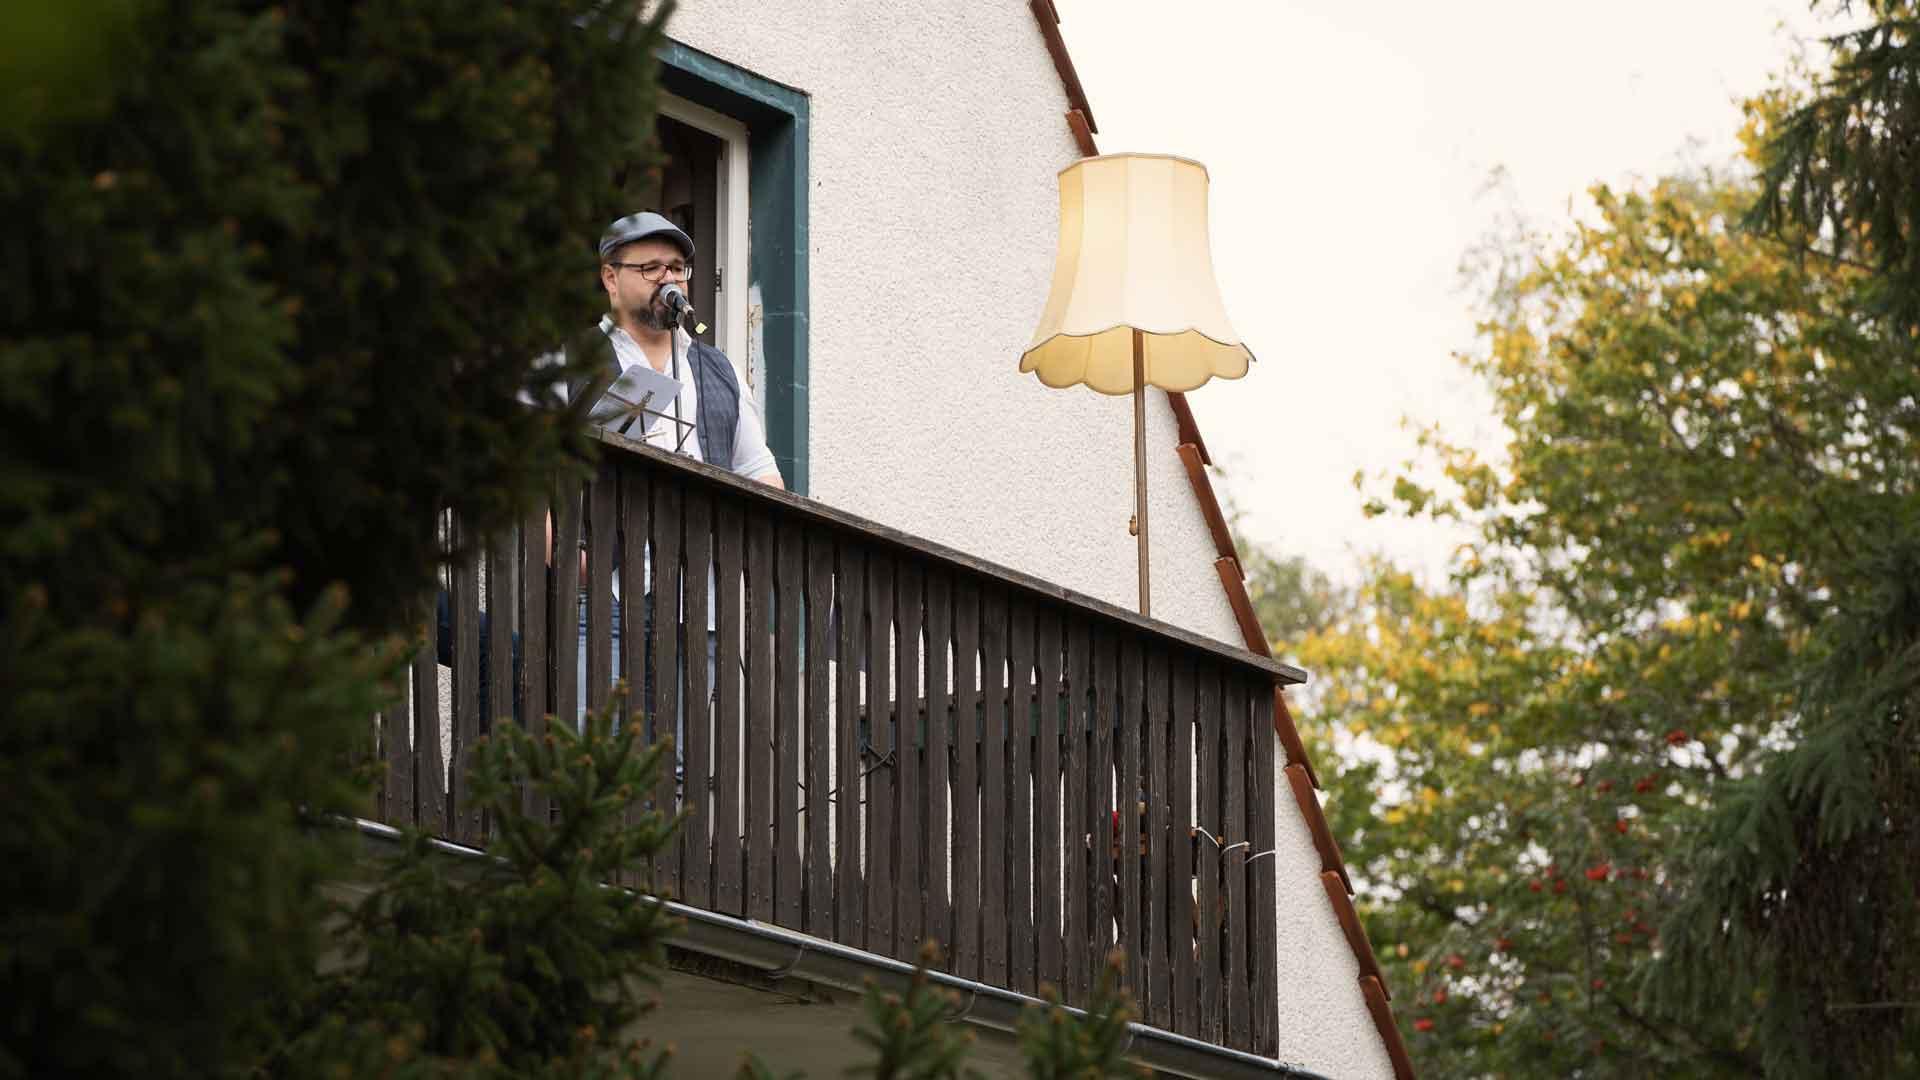 Thomas Ziegler von Else klingt beim Balkon der freien Künste 2020